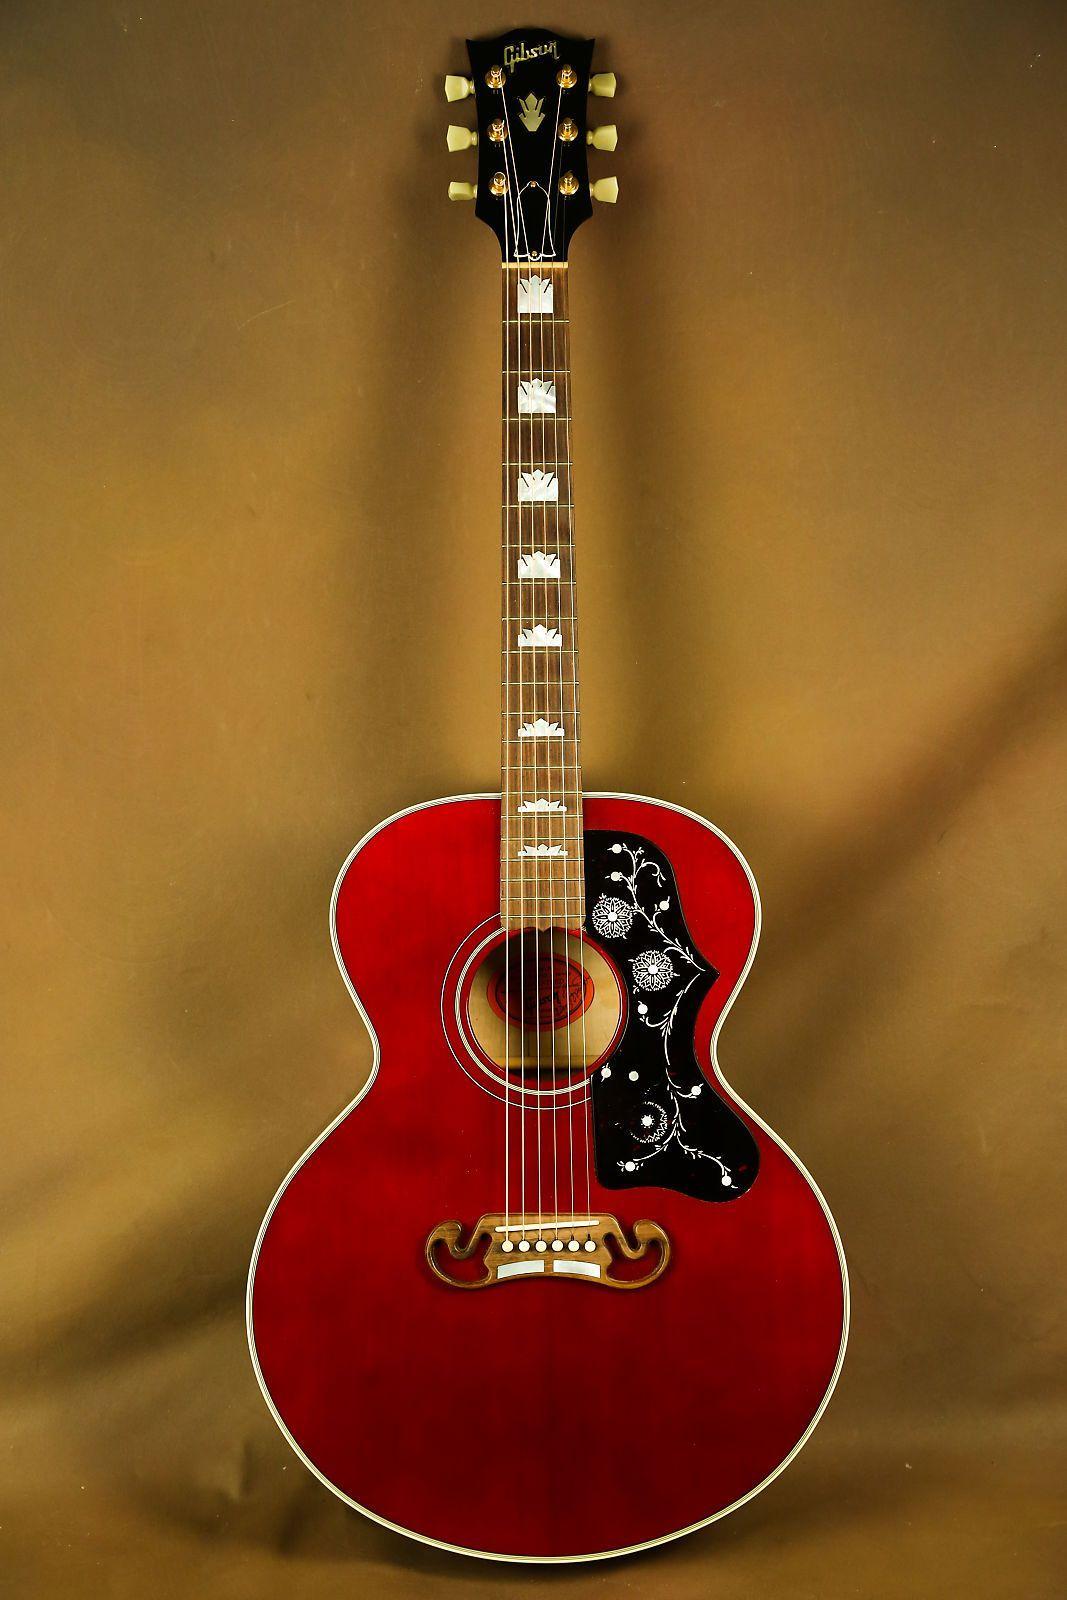 Gibson J 200 Jr Ren Ferguson Custom Acoustic Guitar Sj 200 The Acoustic Room Reverb Gibson Custom Acoustic Guitars Best Acoustic Guitar Gibson Acoustic